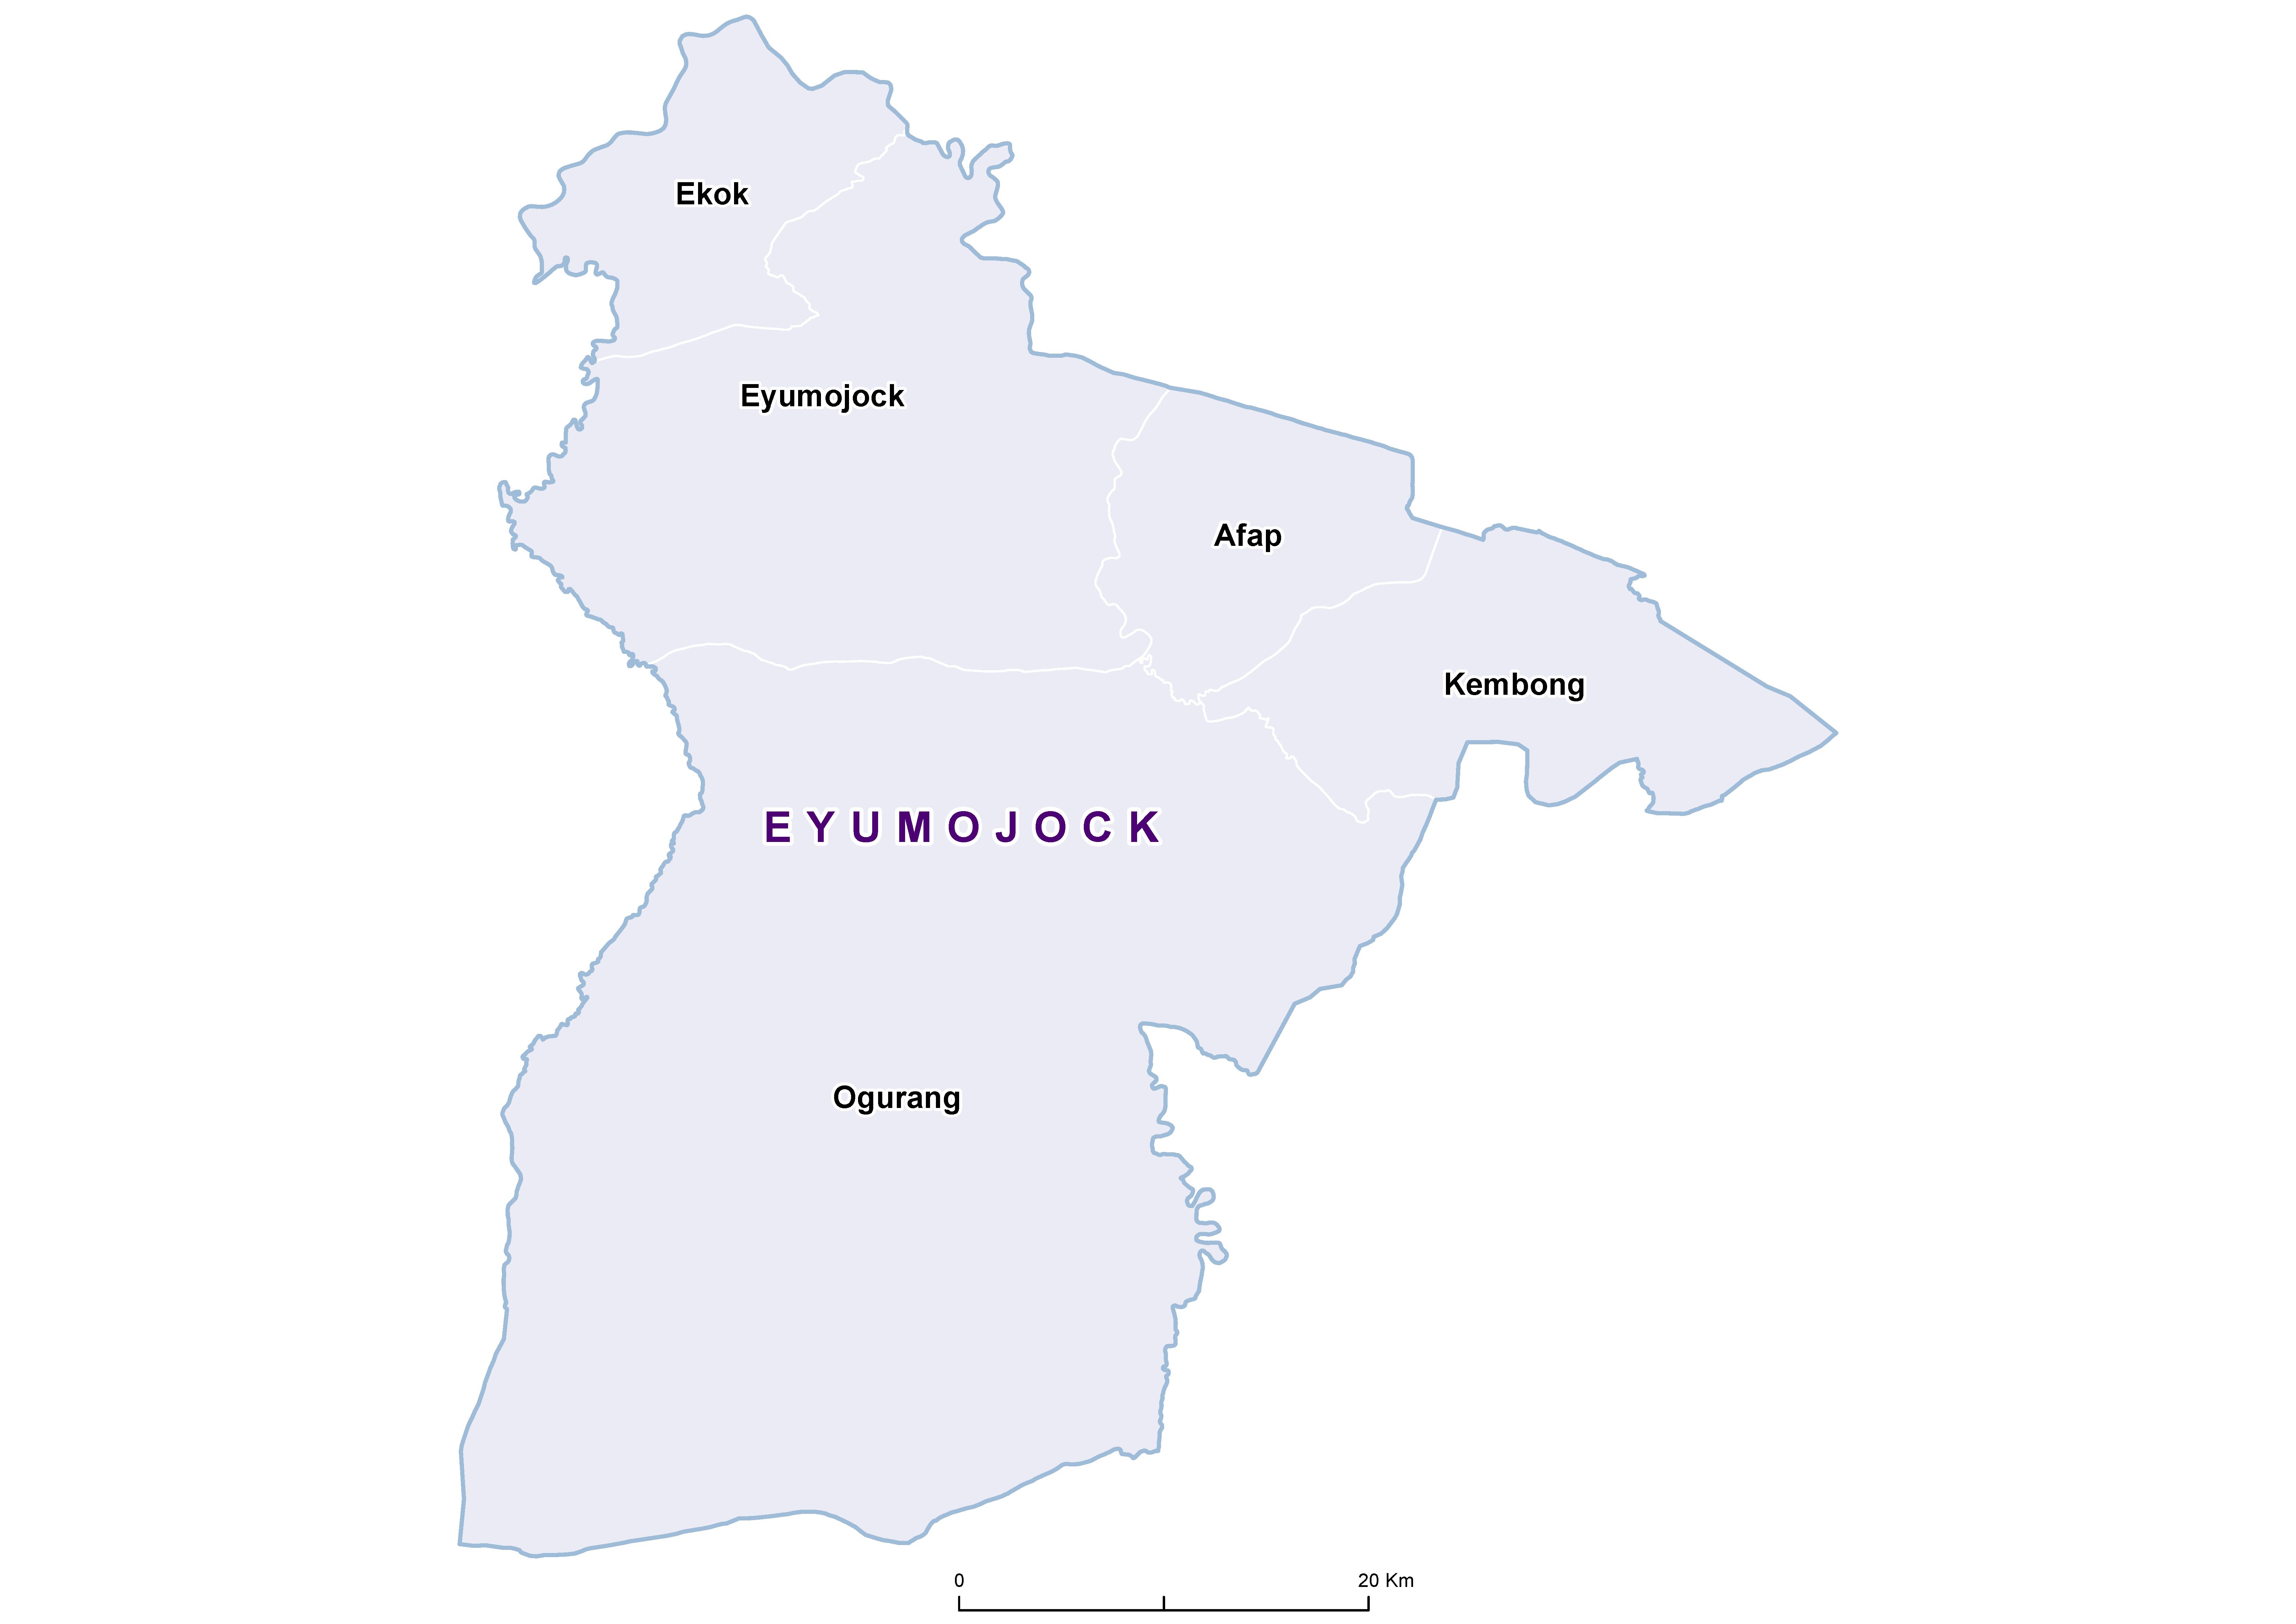 Eyumojock SCH 19850001